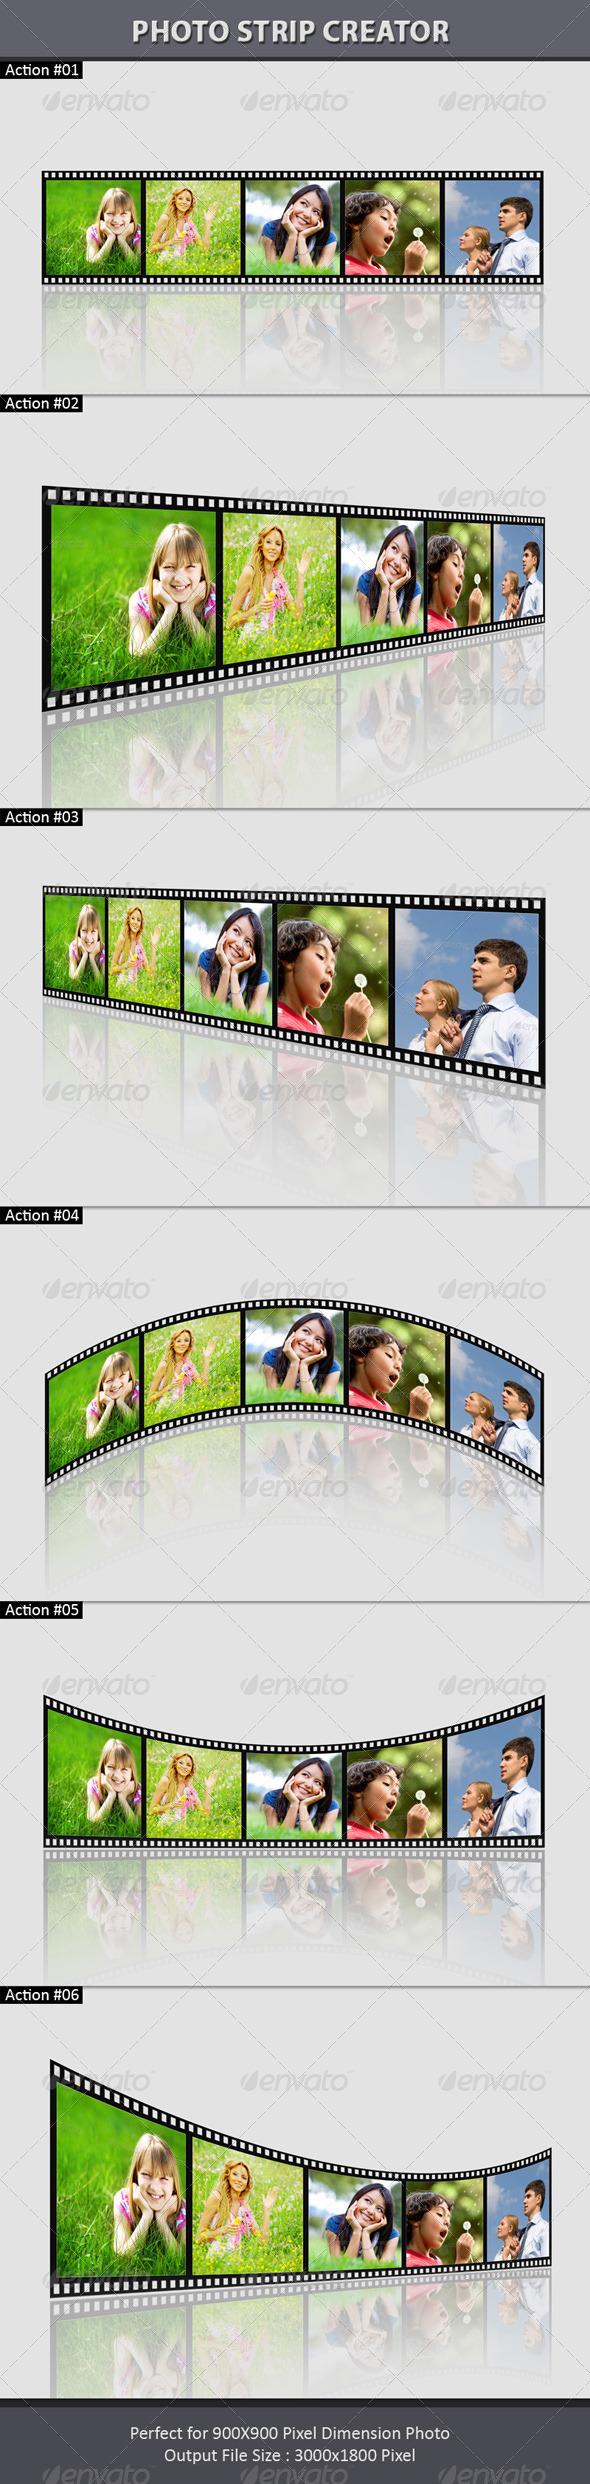 GraphicRiver Photo Strip Creator 8208884